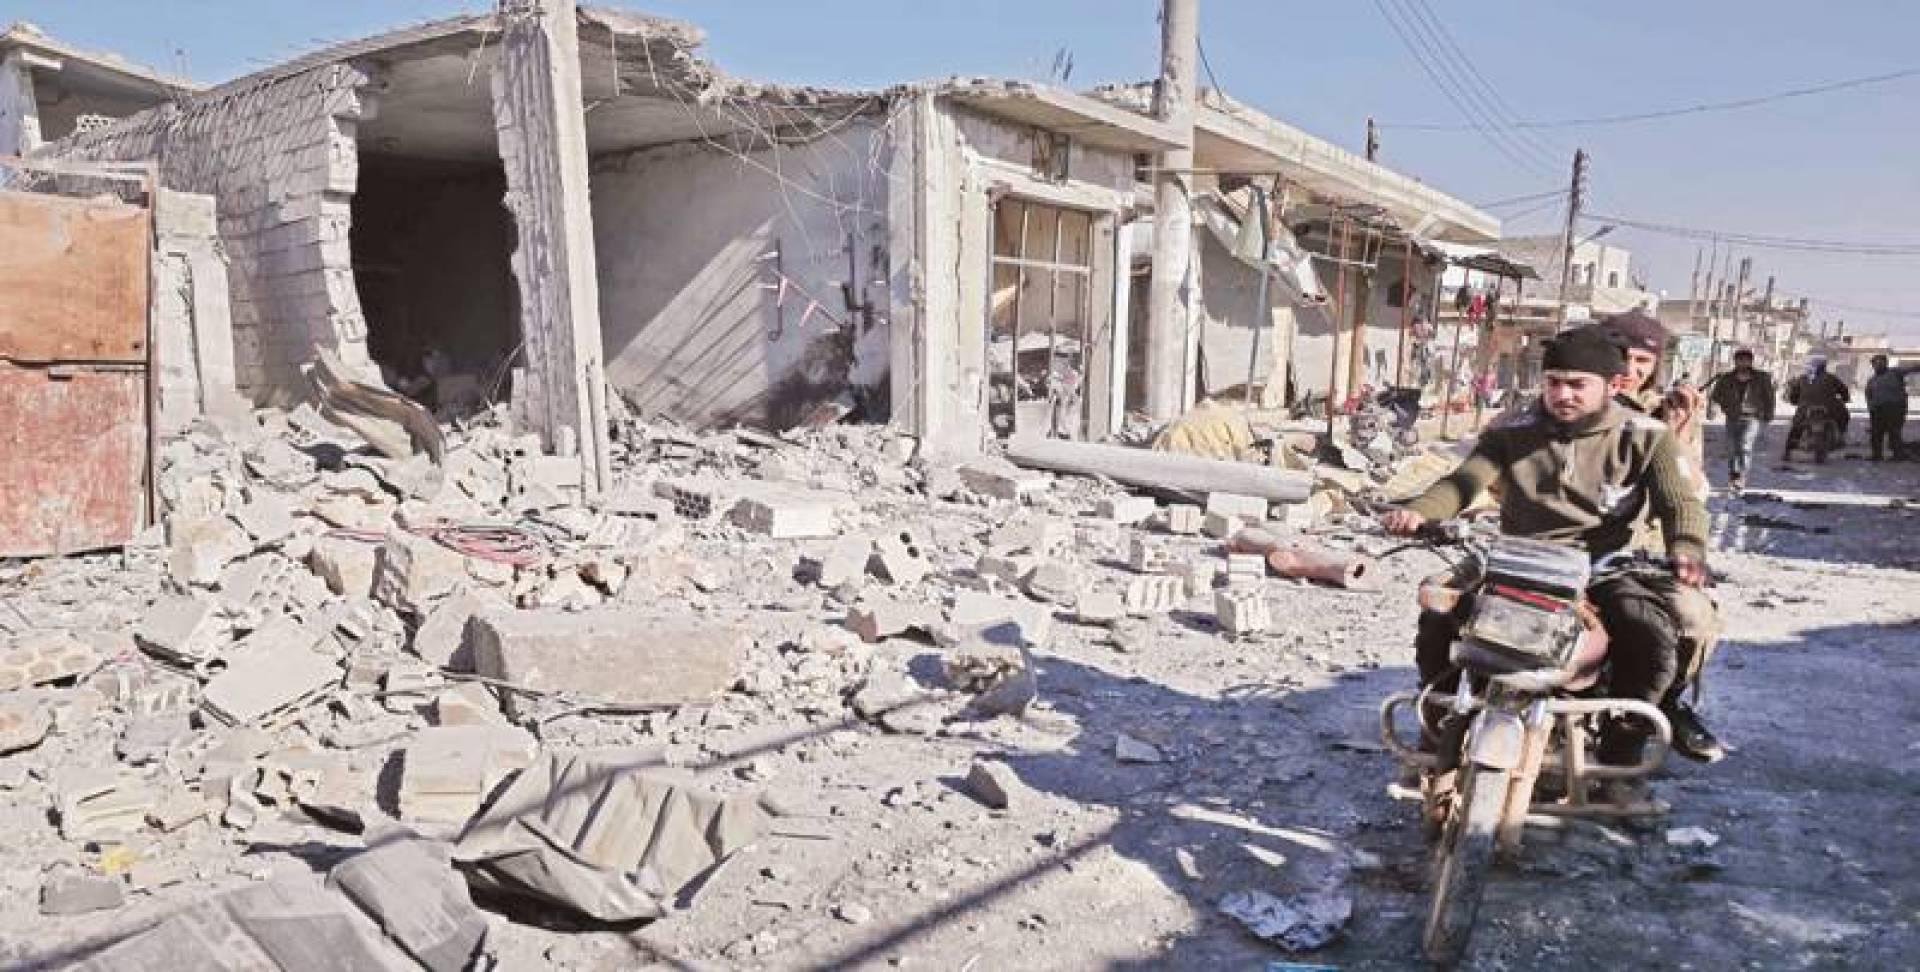 اثار القصف في معصران قرب معرة النعمان في ادلب | ا ف ب